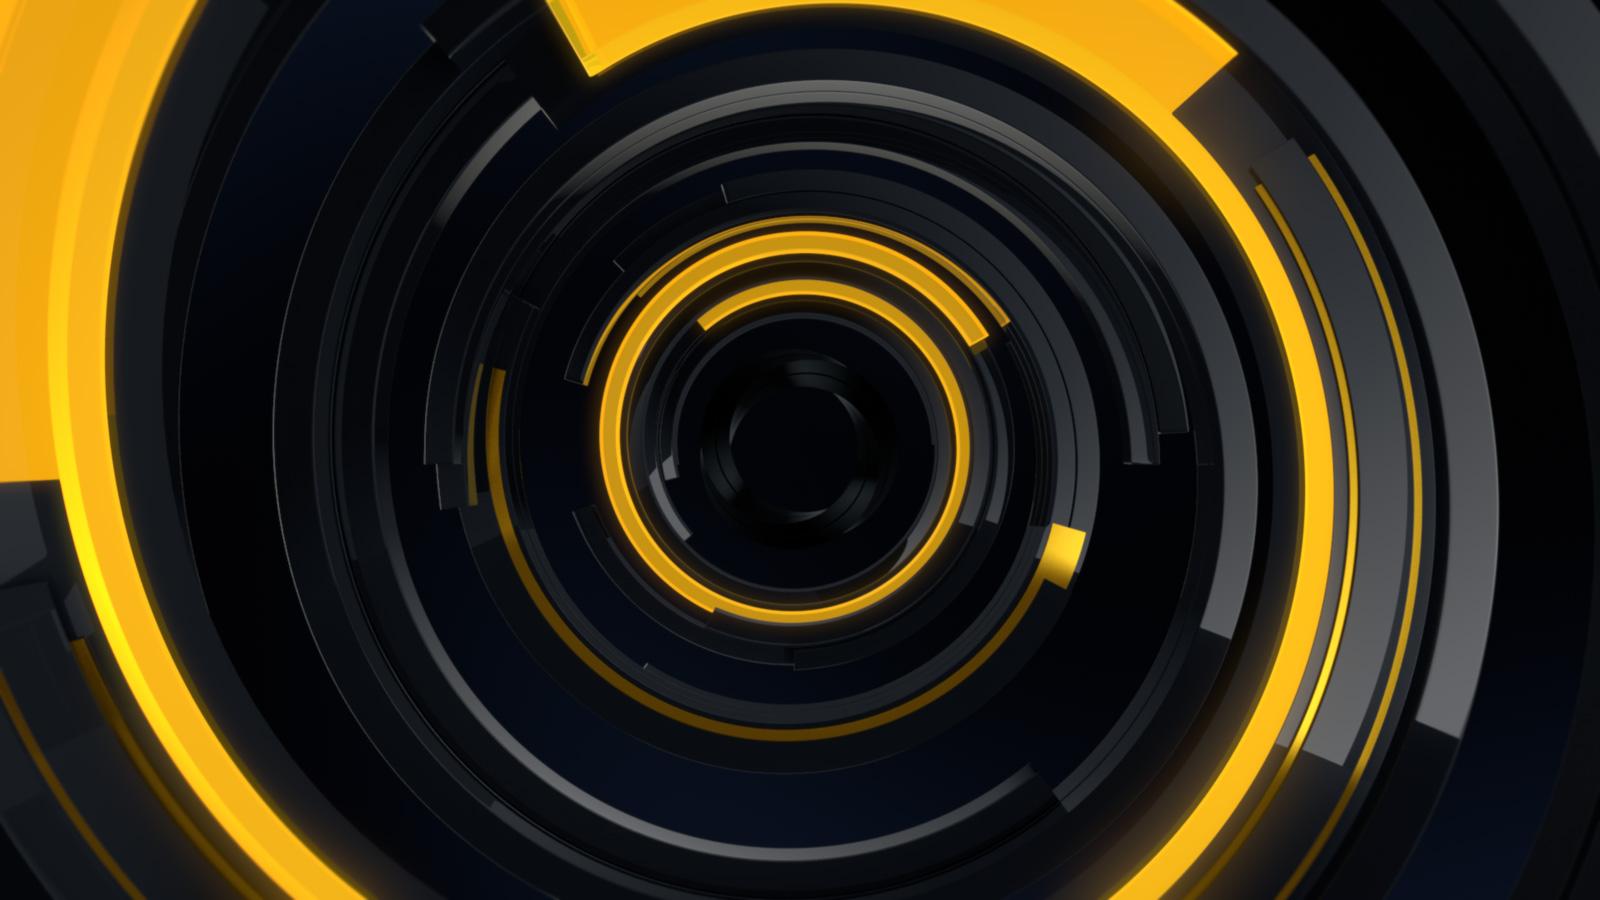 Nova.rs on-air design, black bumper